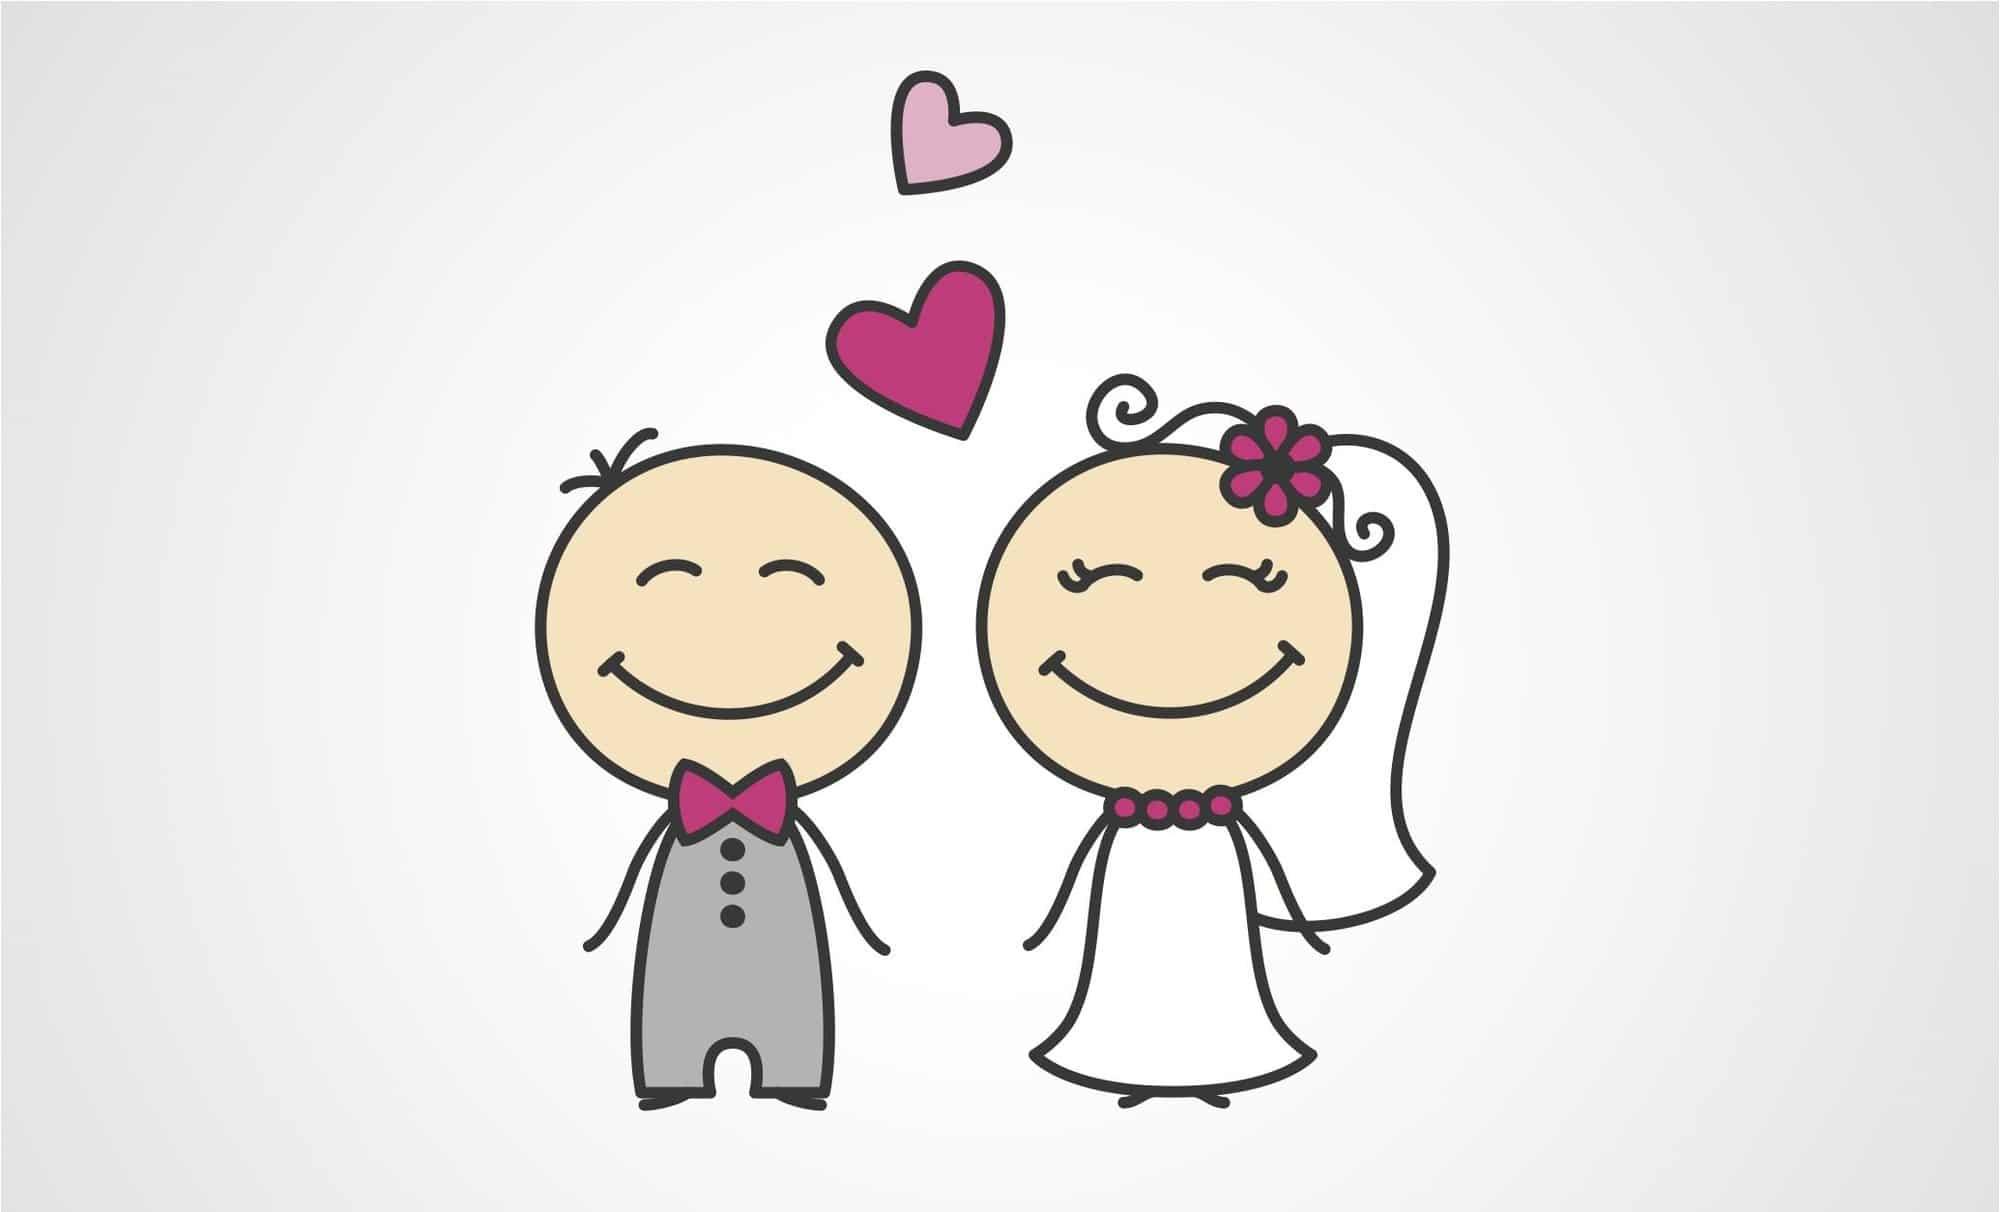 صور الحلم بالزواج , ما هو تفسير رؤية الزواج فى الحلم ومعناه ؟